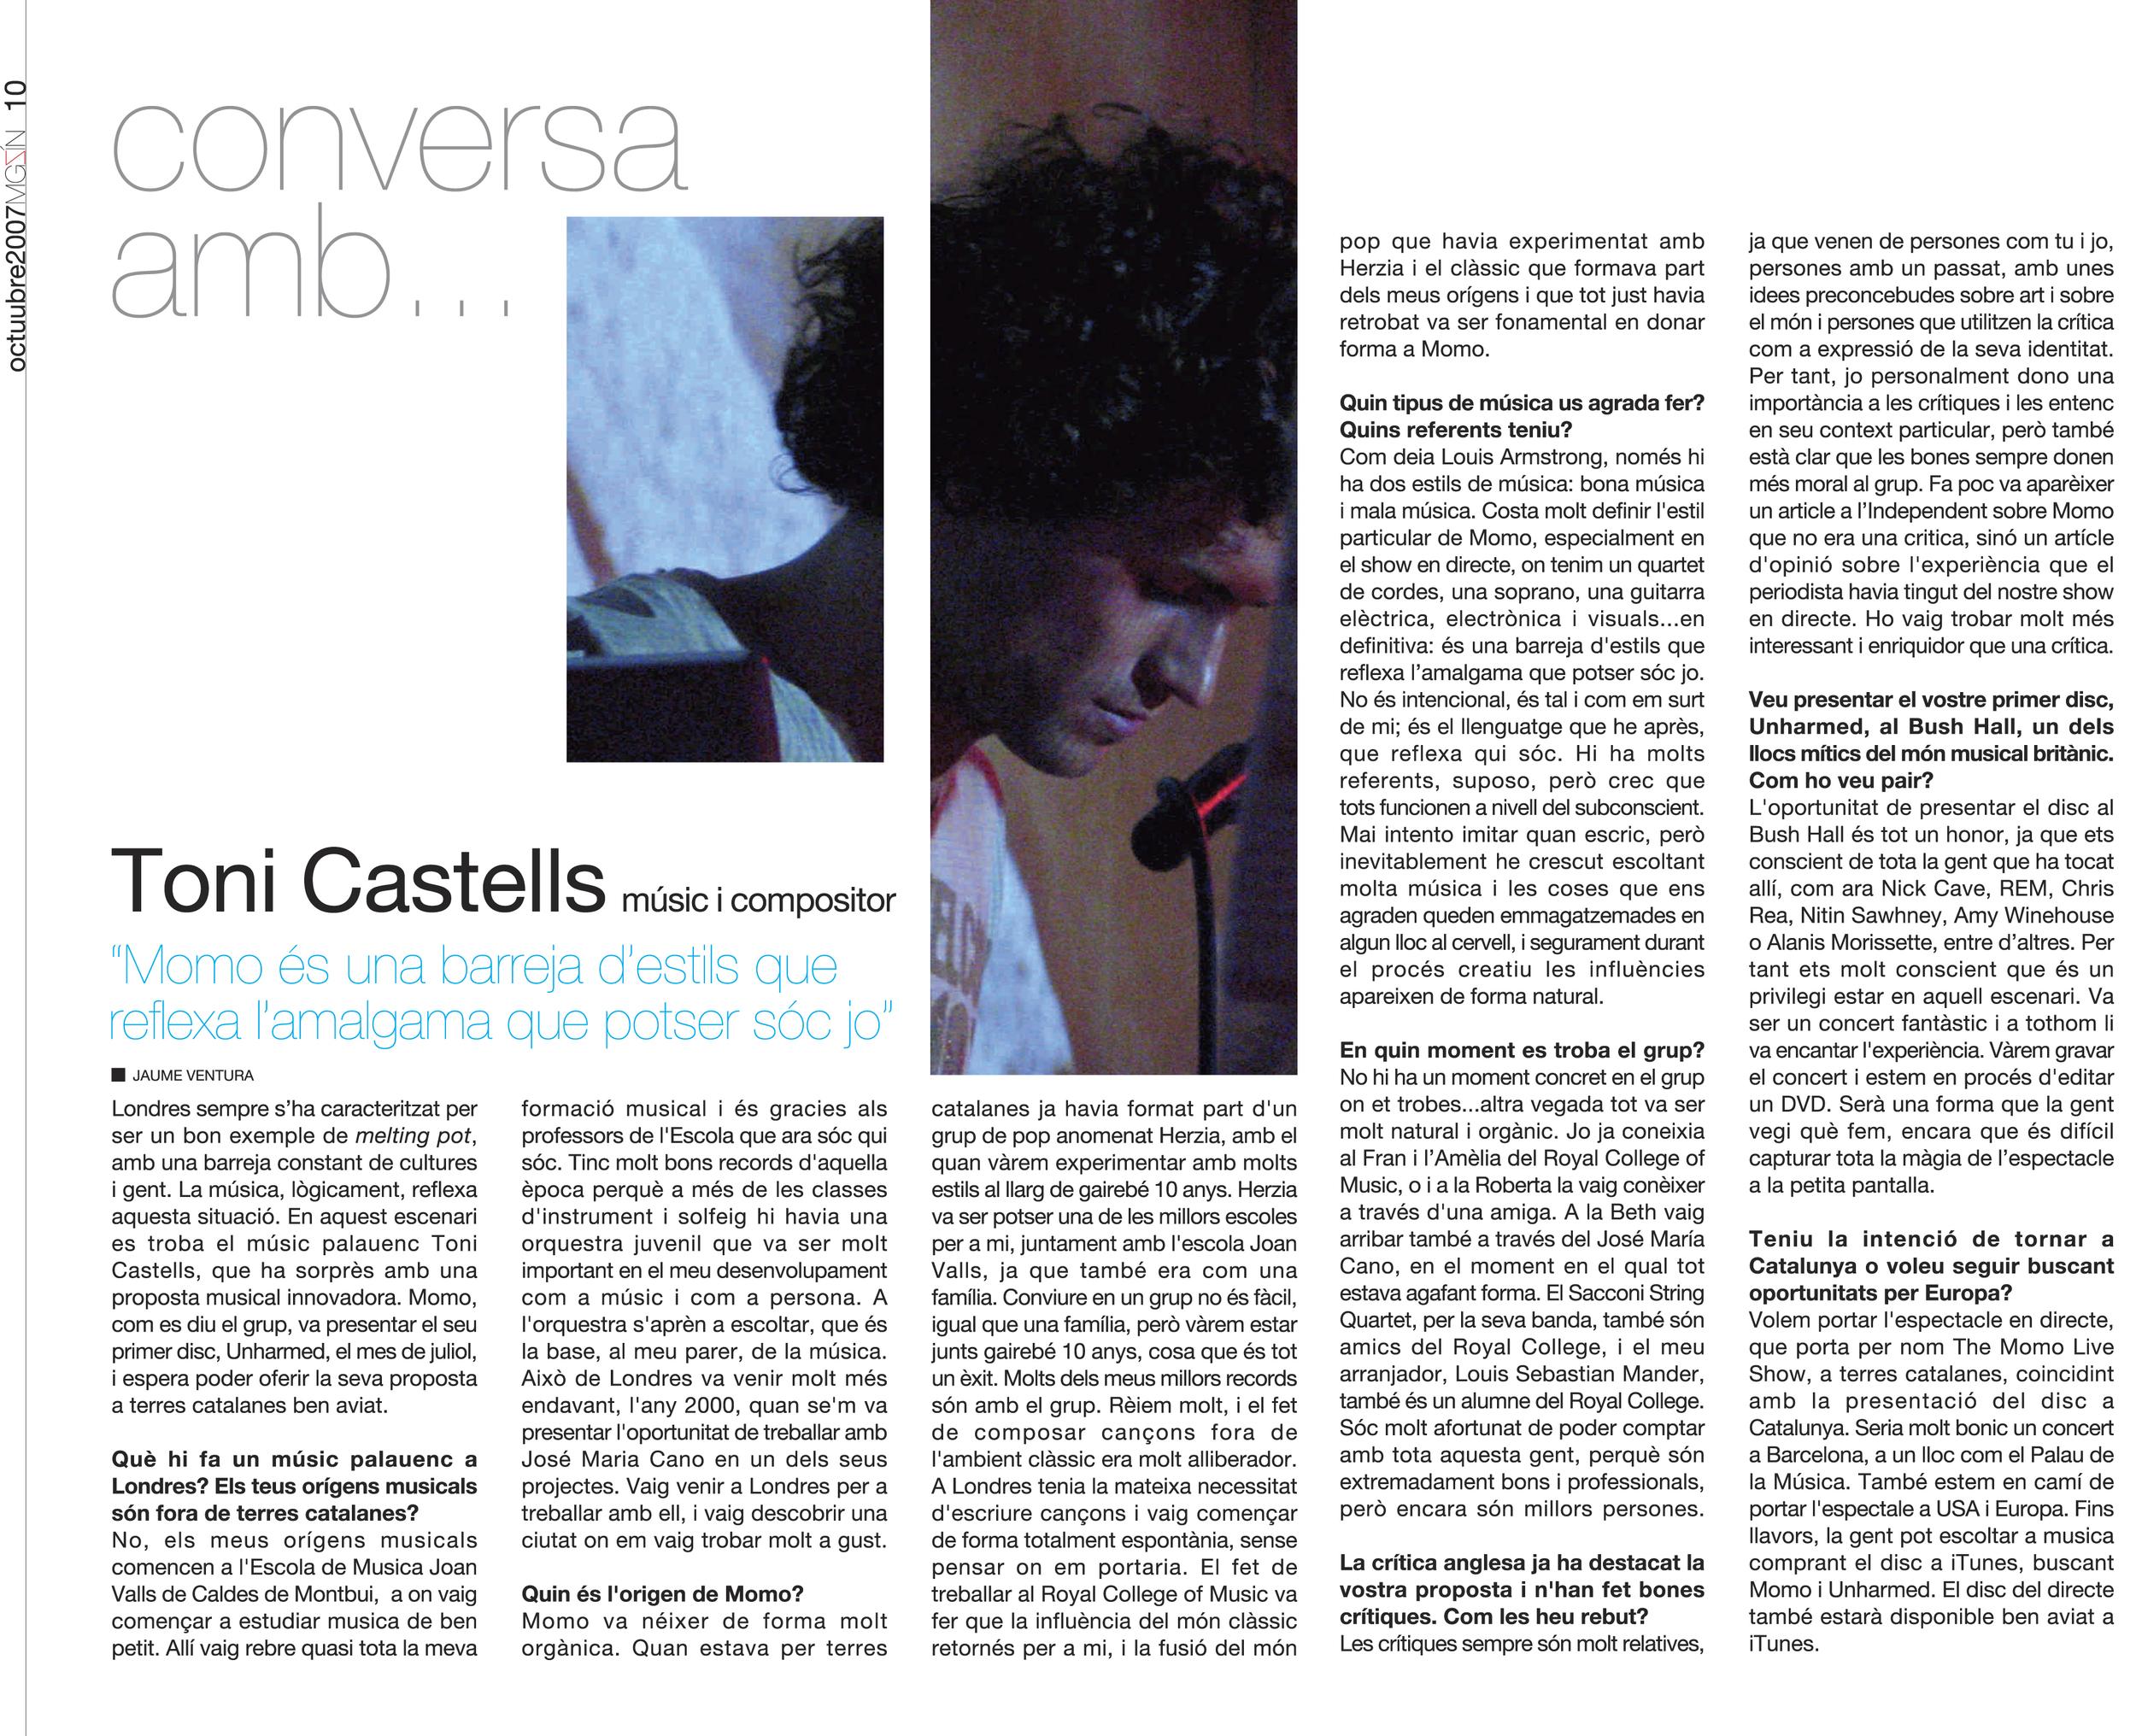 Magazine Palau (2007)